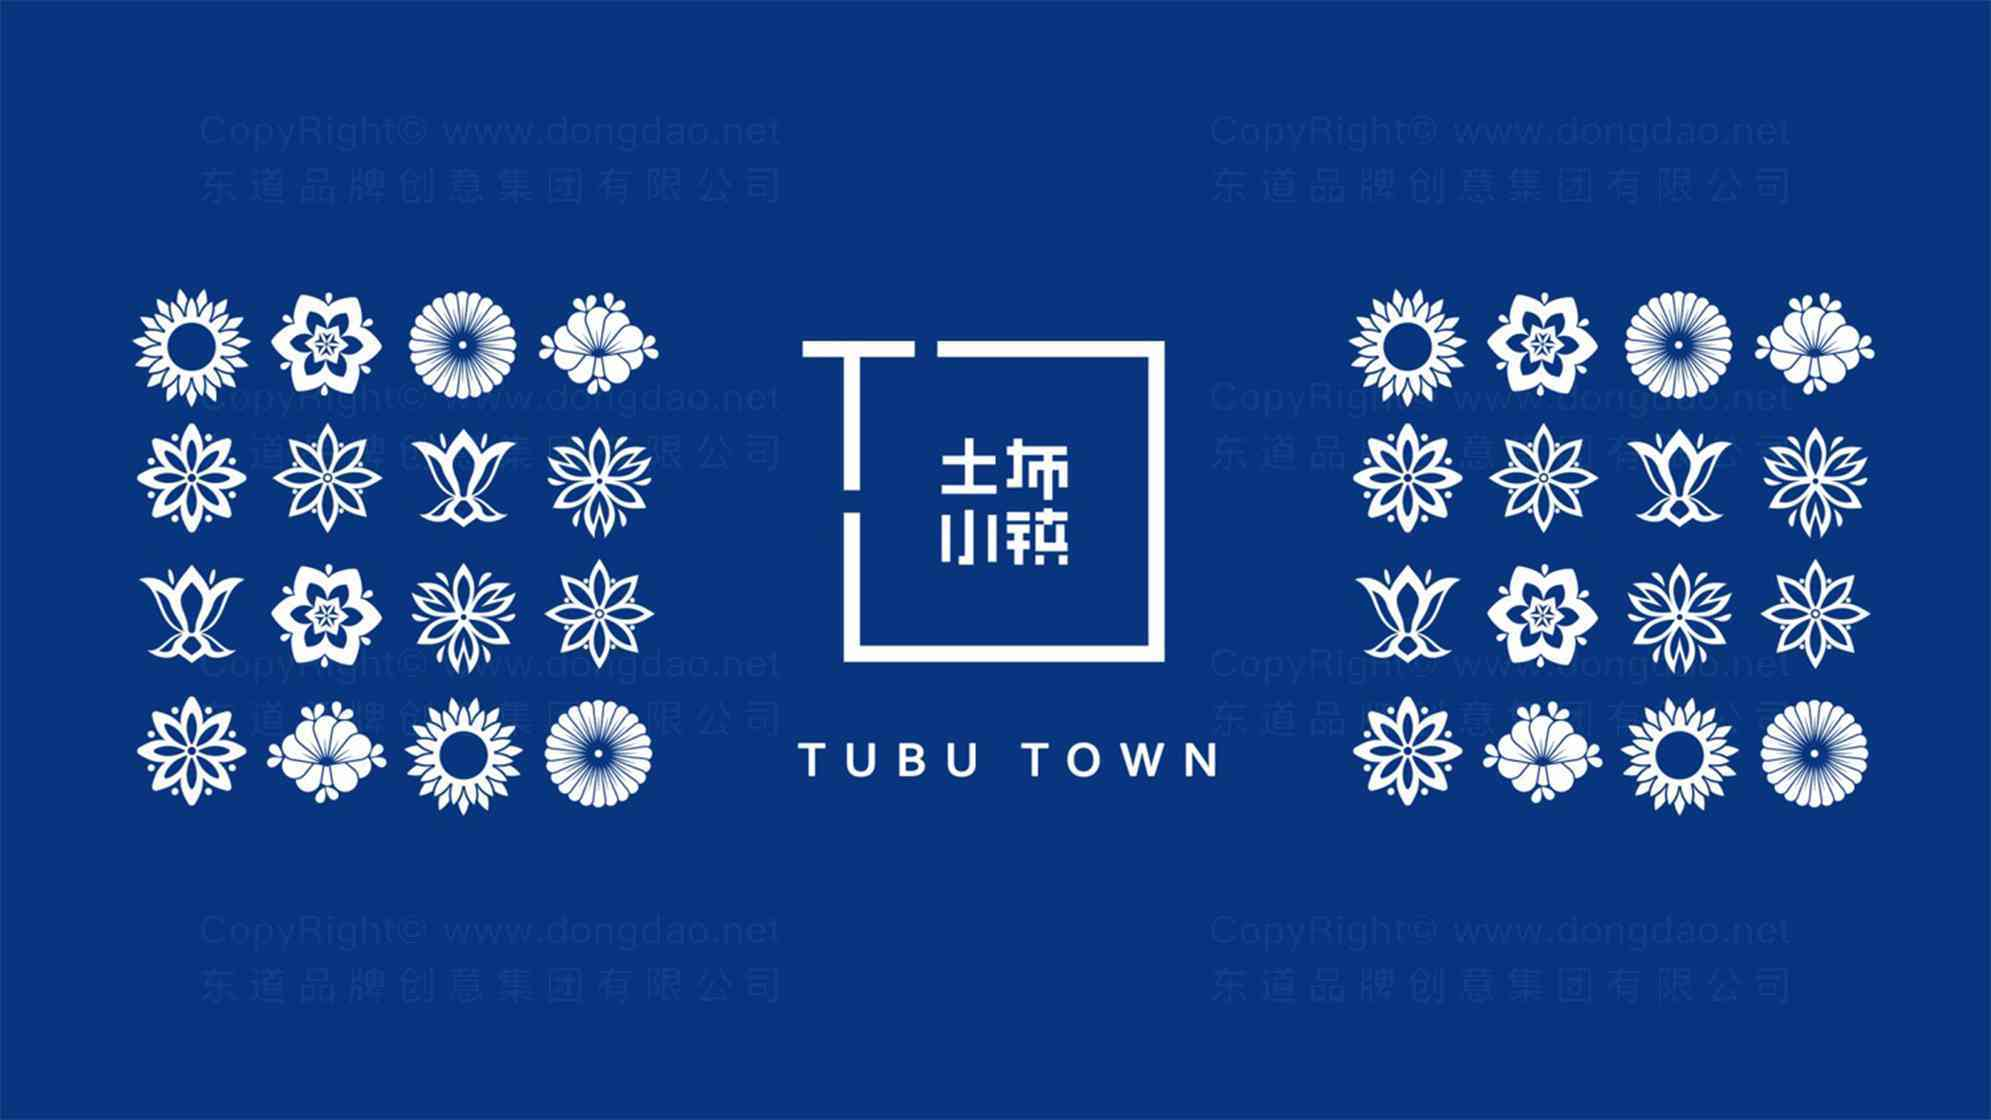 品牌设计案例贞丰县土布小镇LOGO&VI设计